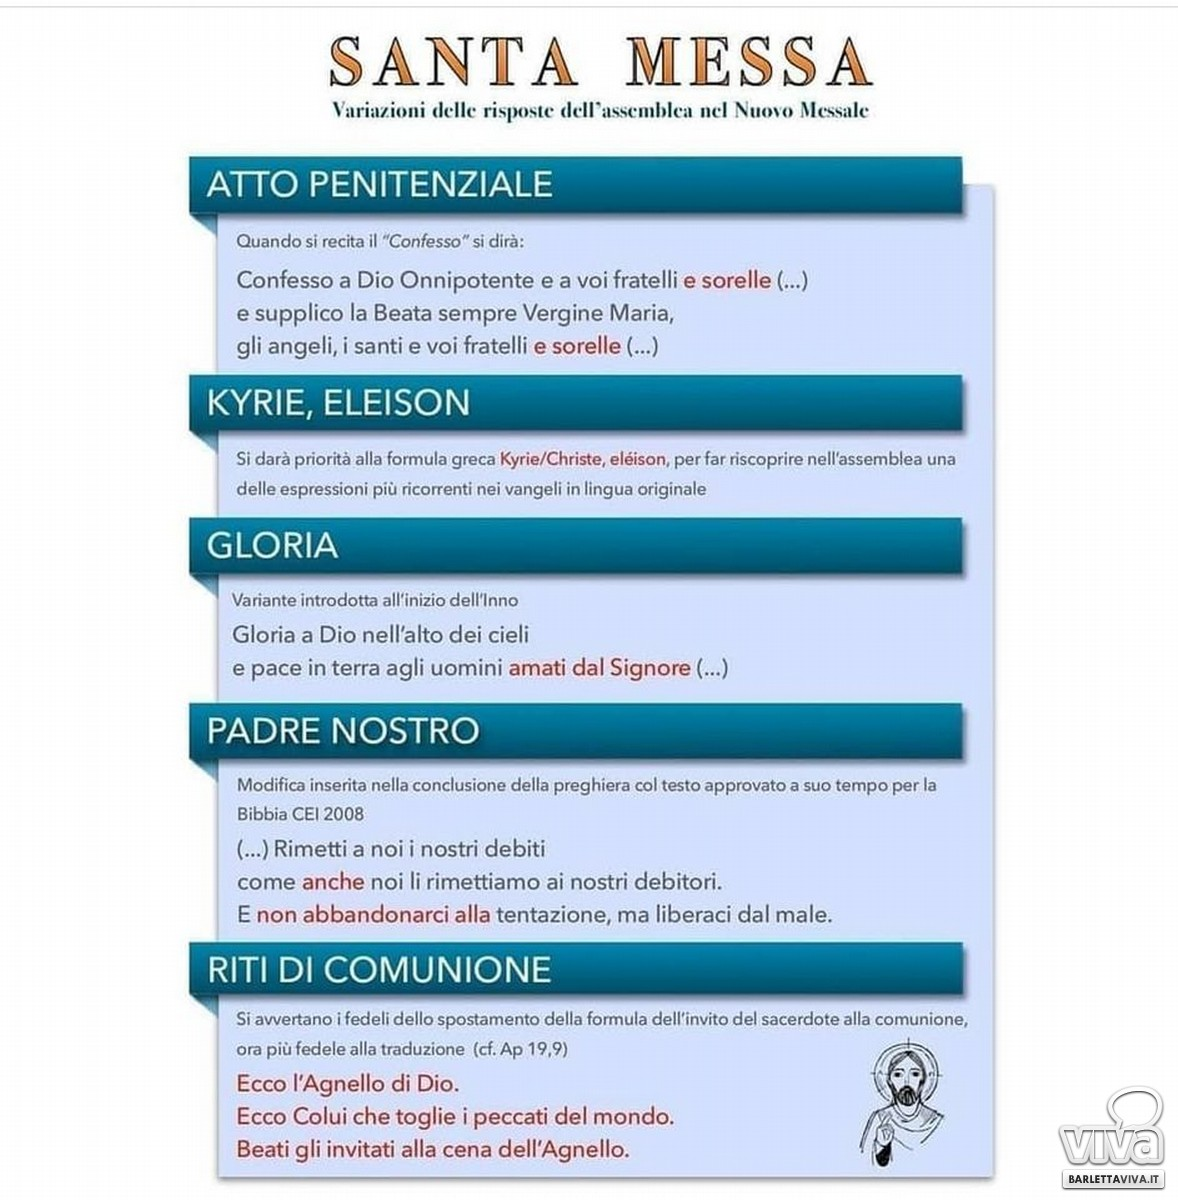 Variazioni alla Santa Messa